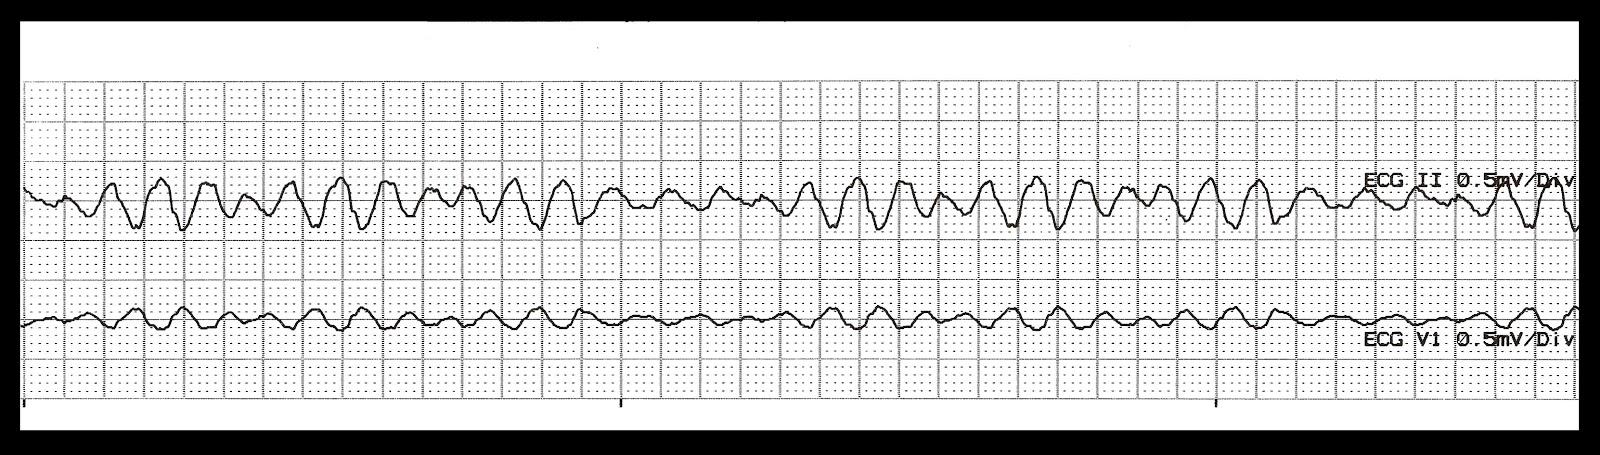 Polymorphic Ventricular Tachycardia Vs Torsades De Pointes ...